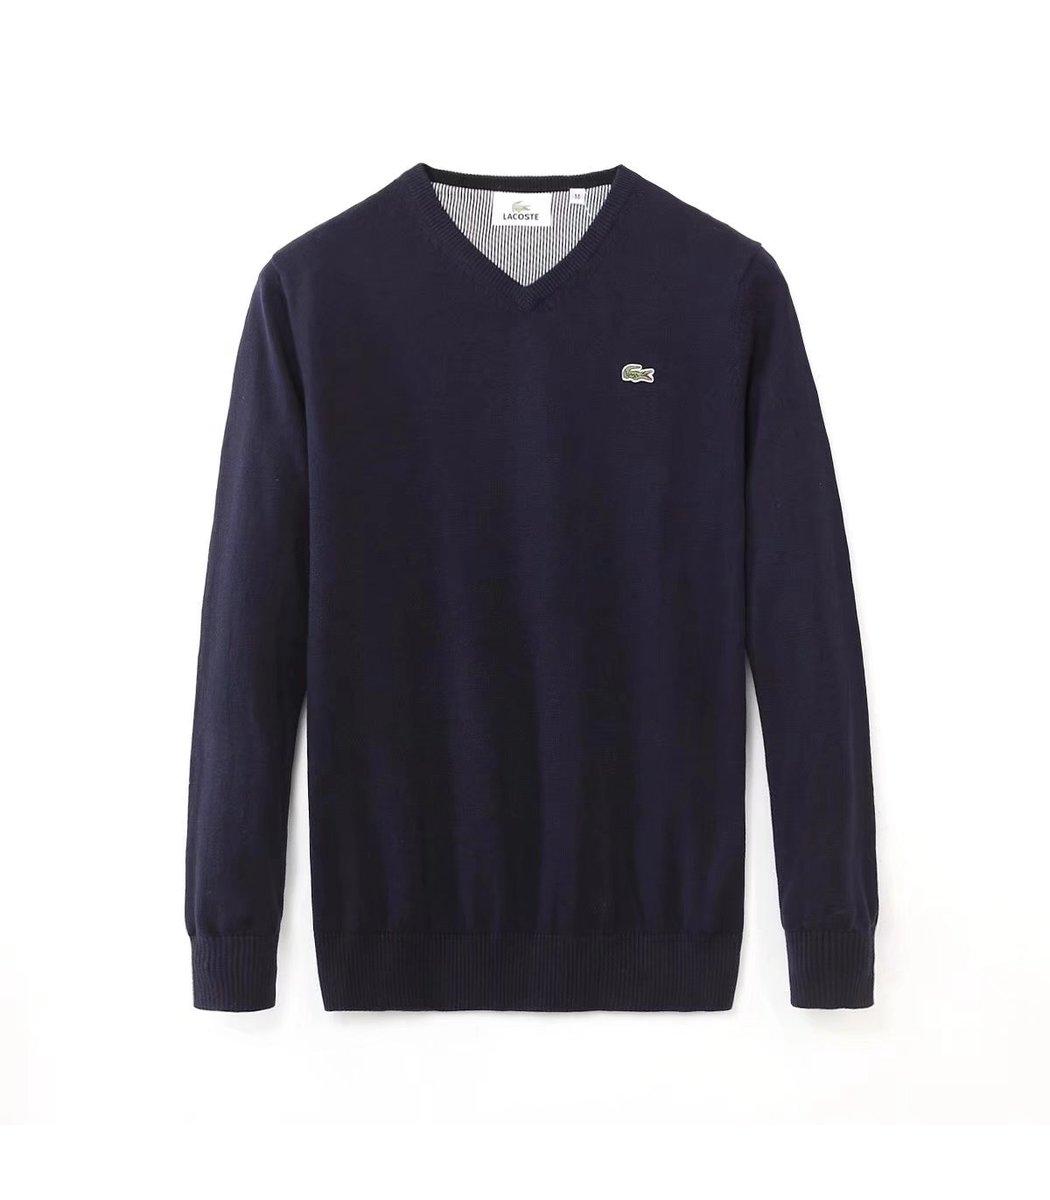 Темно-синий пуловер Lacoste VL3